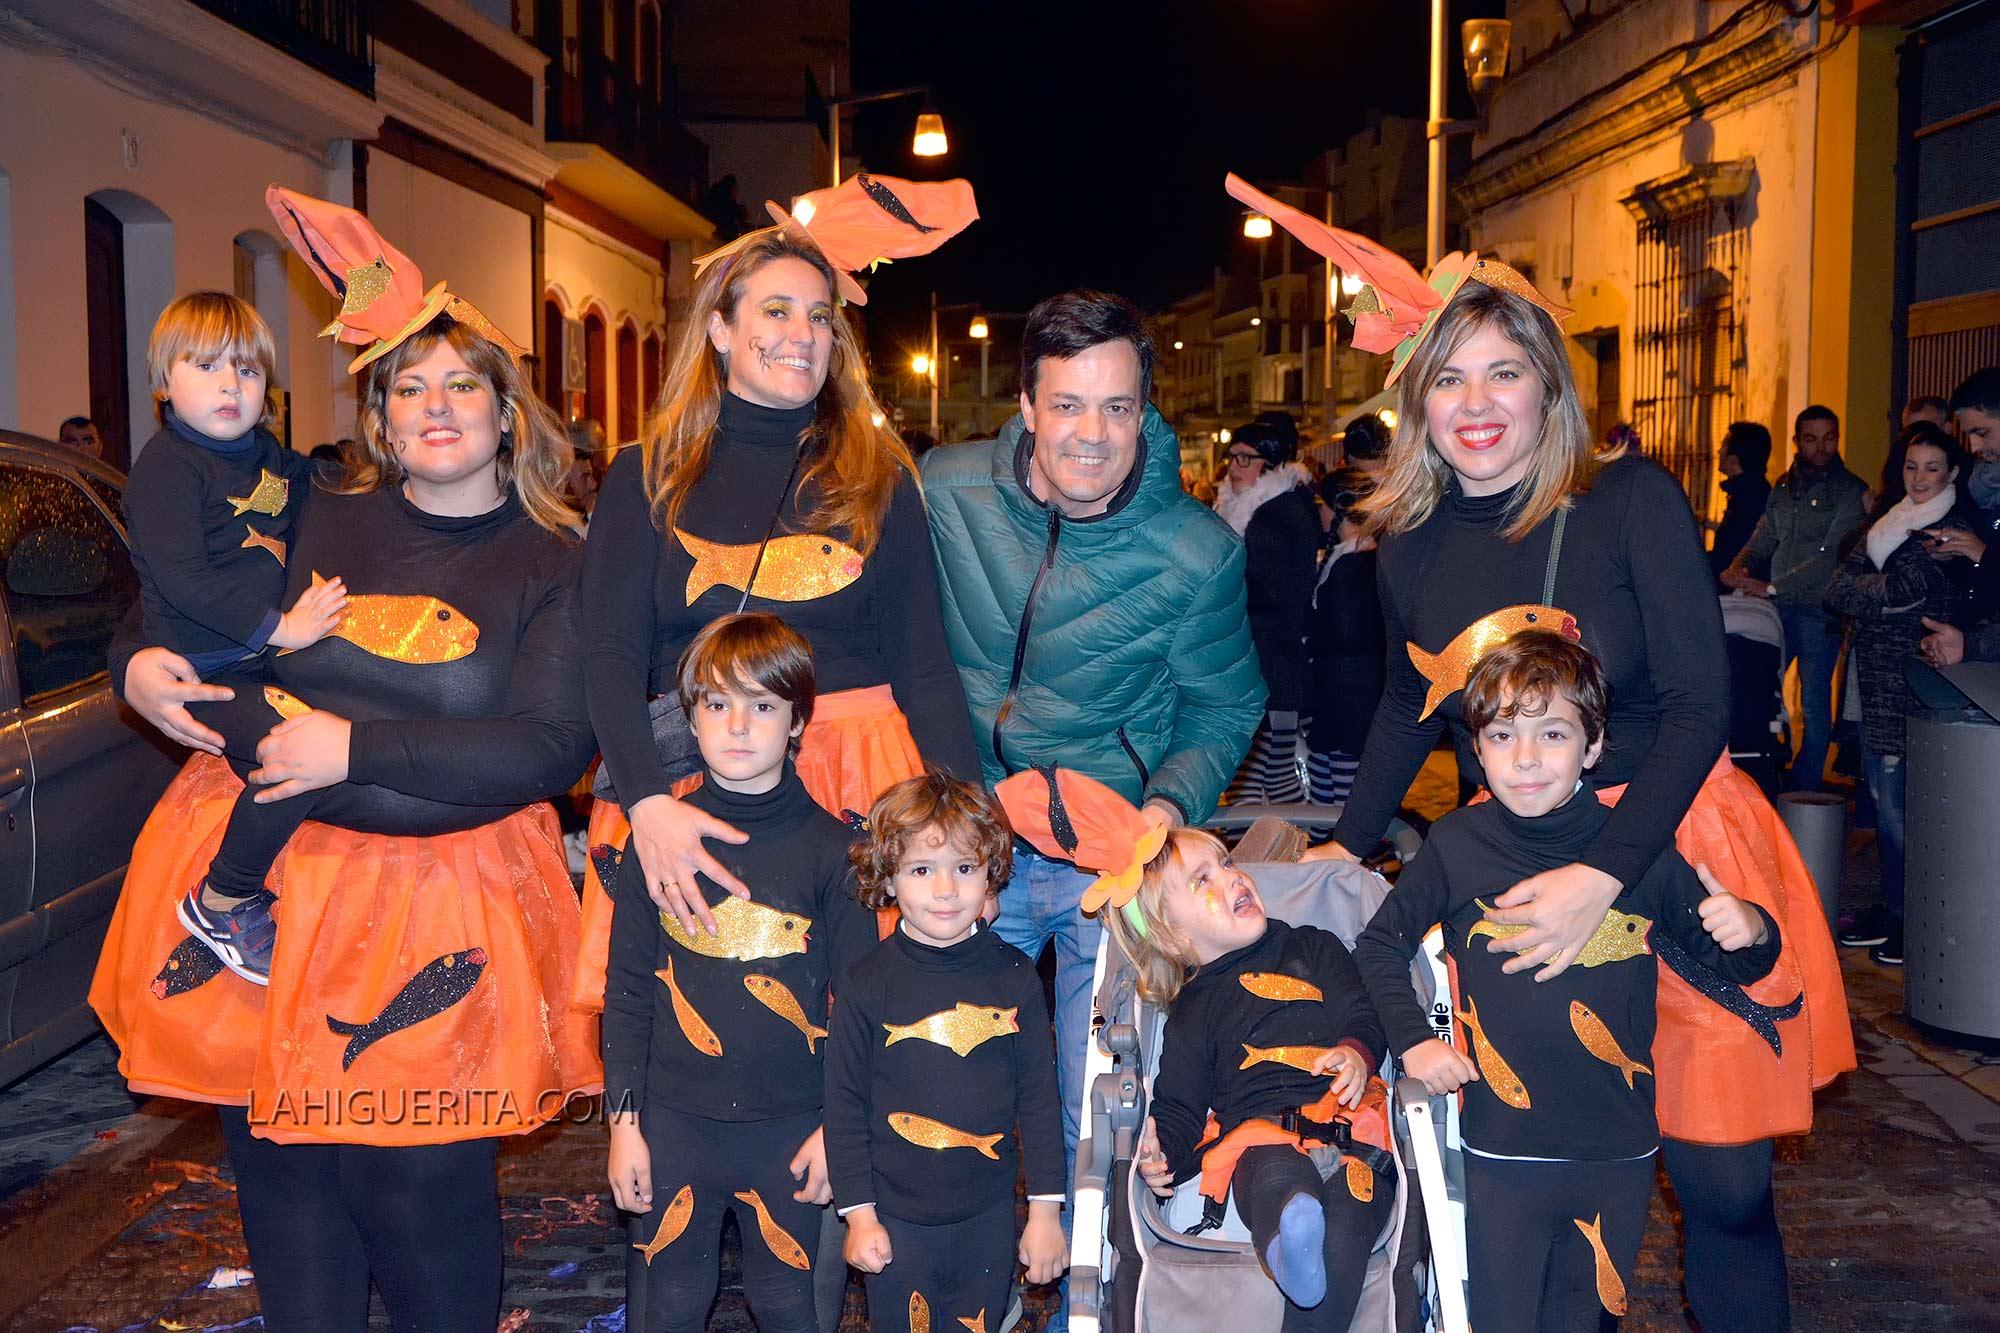 Entierro de la sardina carnaval isla cristina _DSC2107